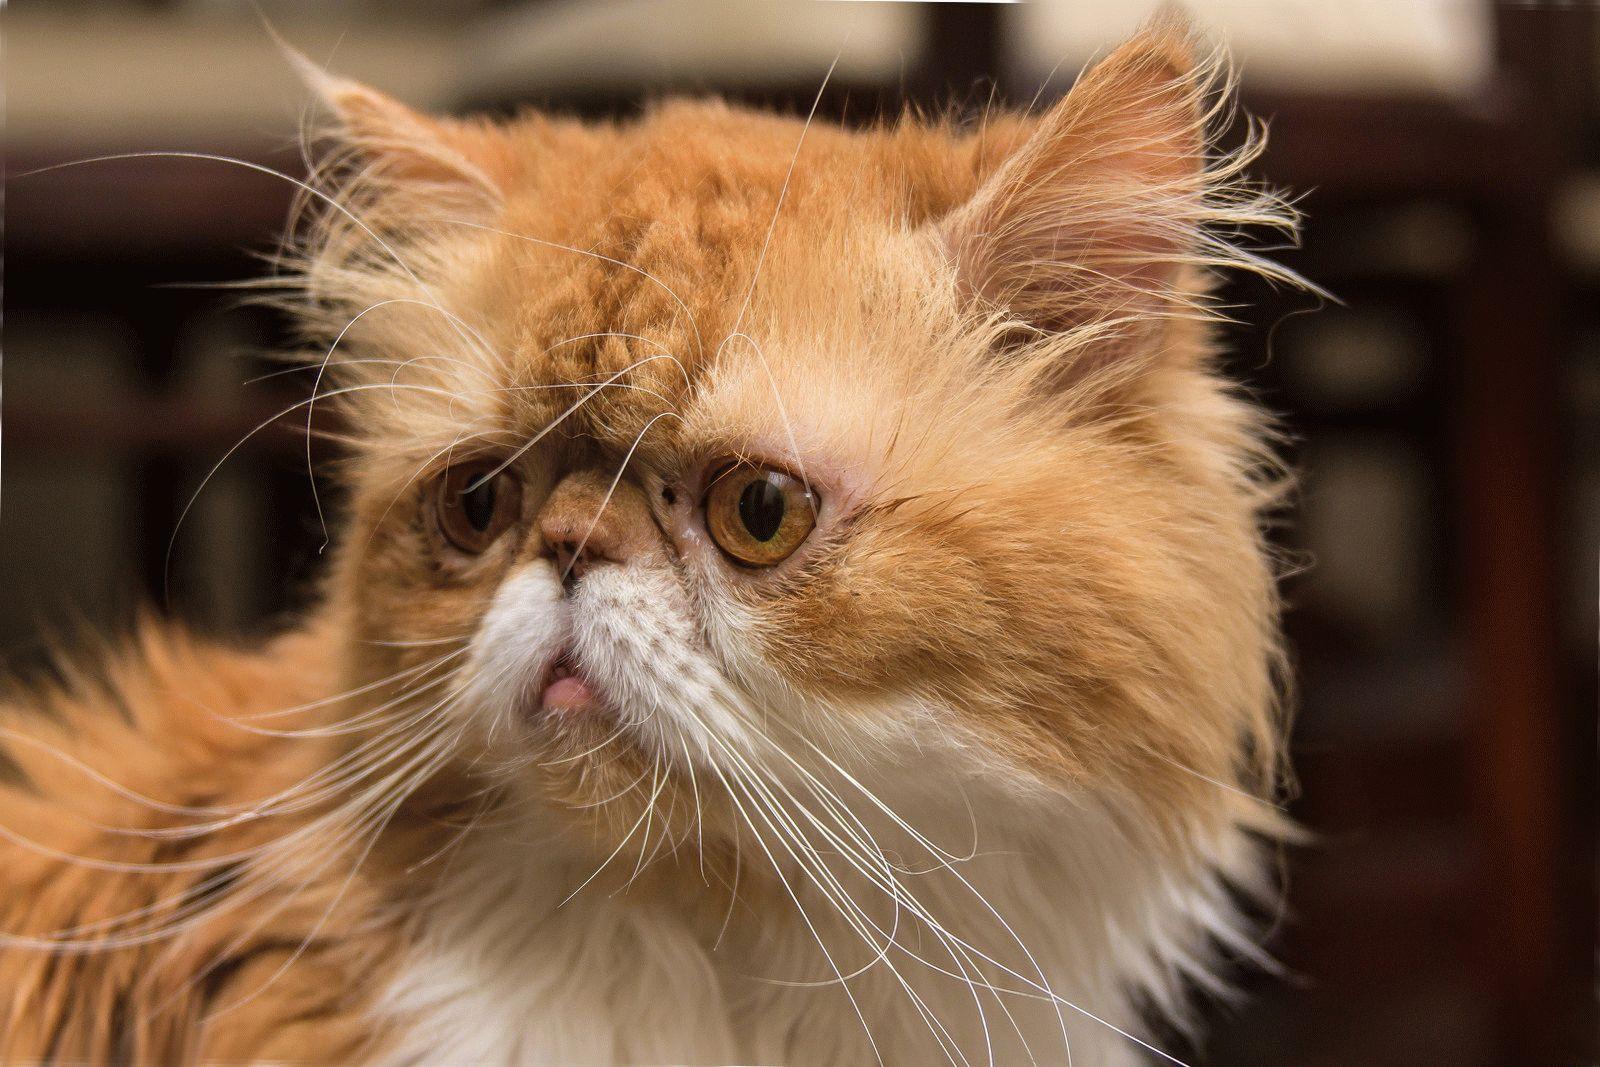 оформления коты с приплюснутой мордой порода и фото кадре анна